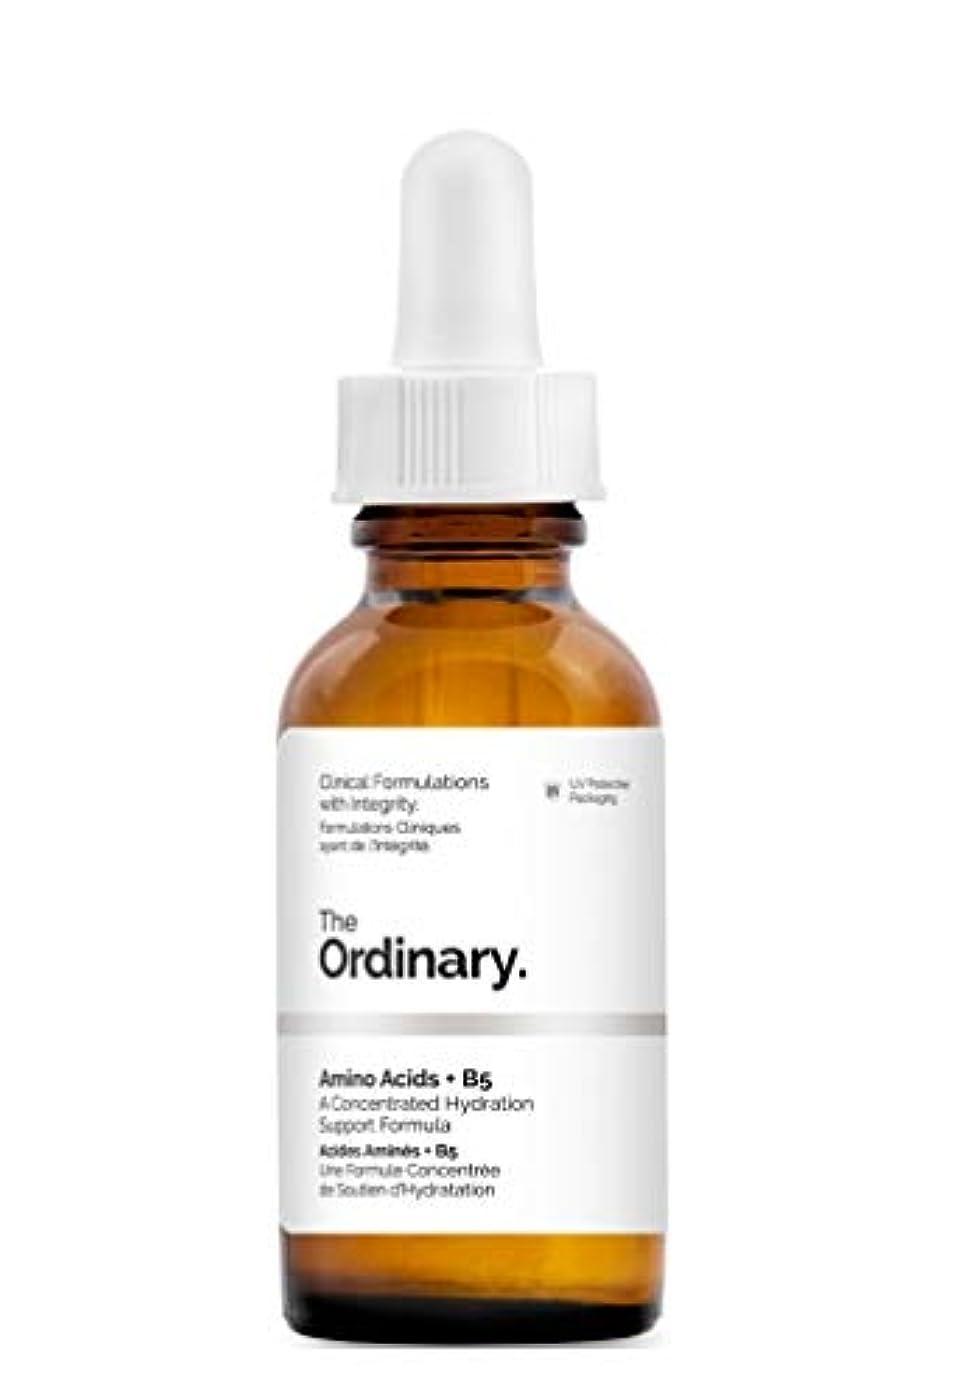 数字運命的な許可するThe Ordinary☆ジ オーディナリーAmino Acids+B5(アミノ酸 + B5)30ml [並行輸入品]